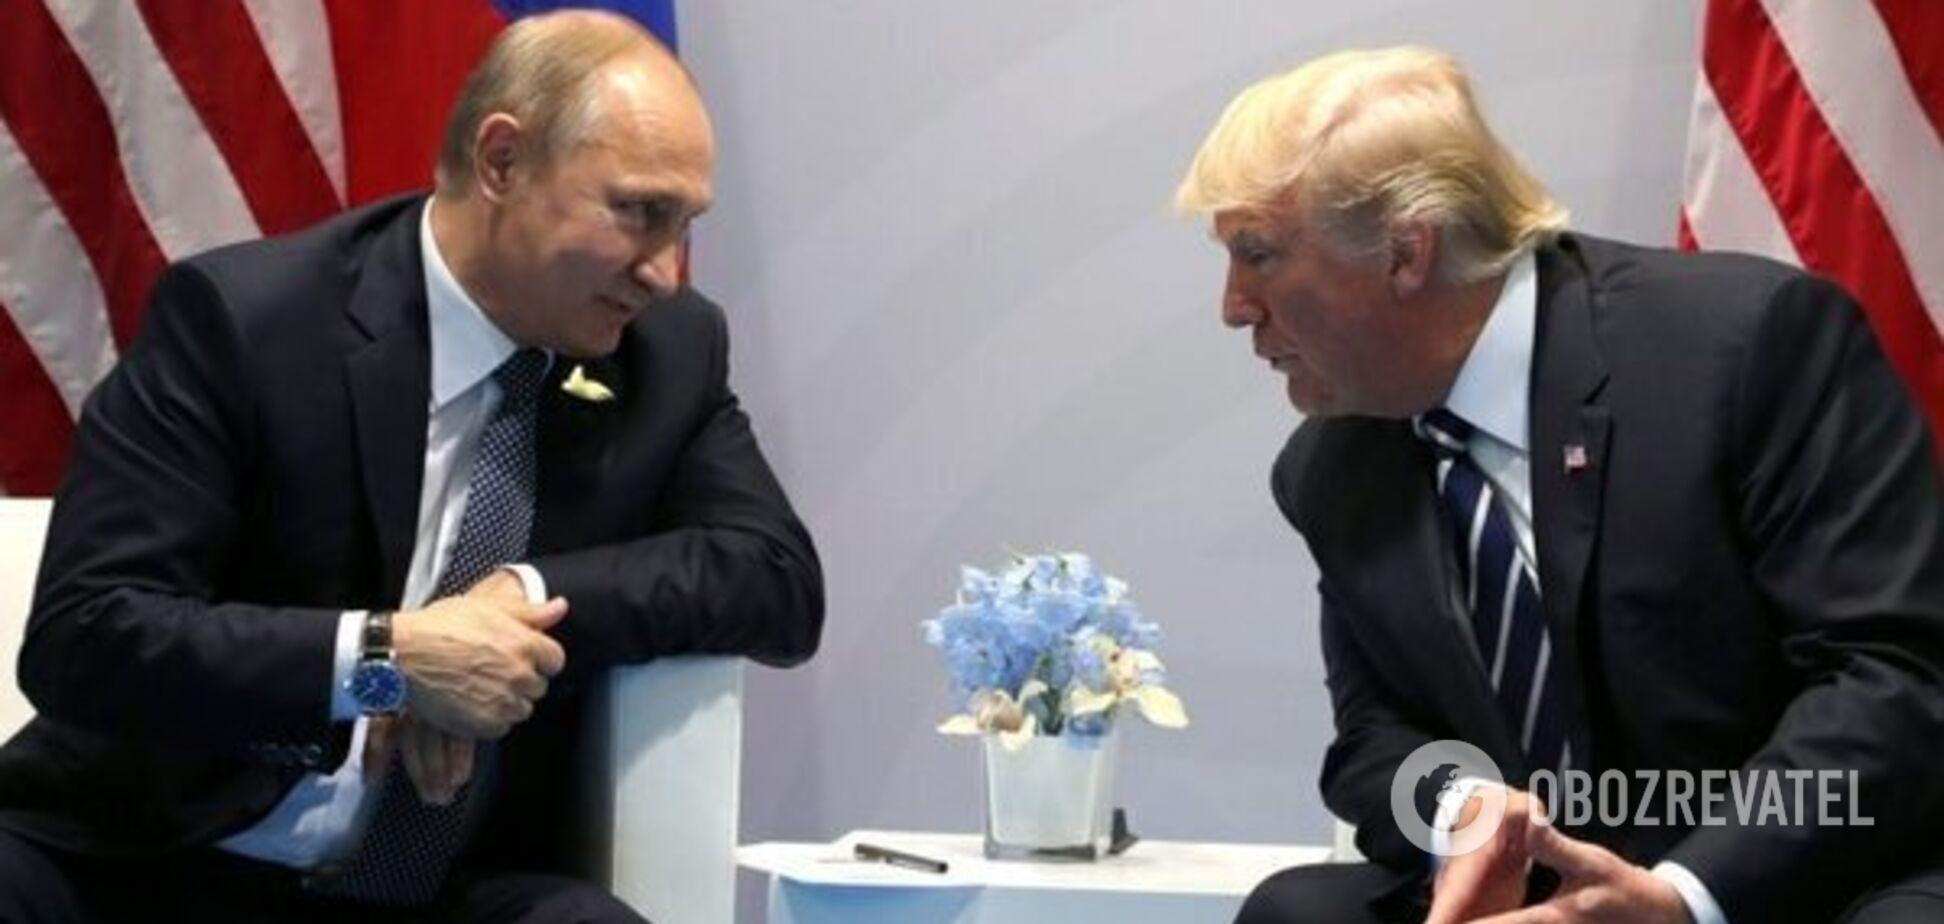 Трамп потребовал от Путина разъяснений по Украине: подробности